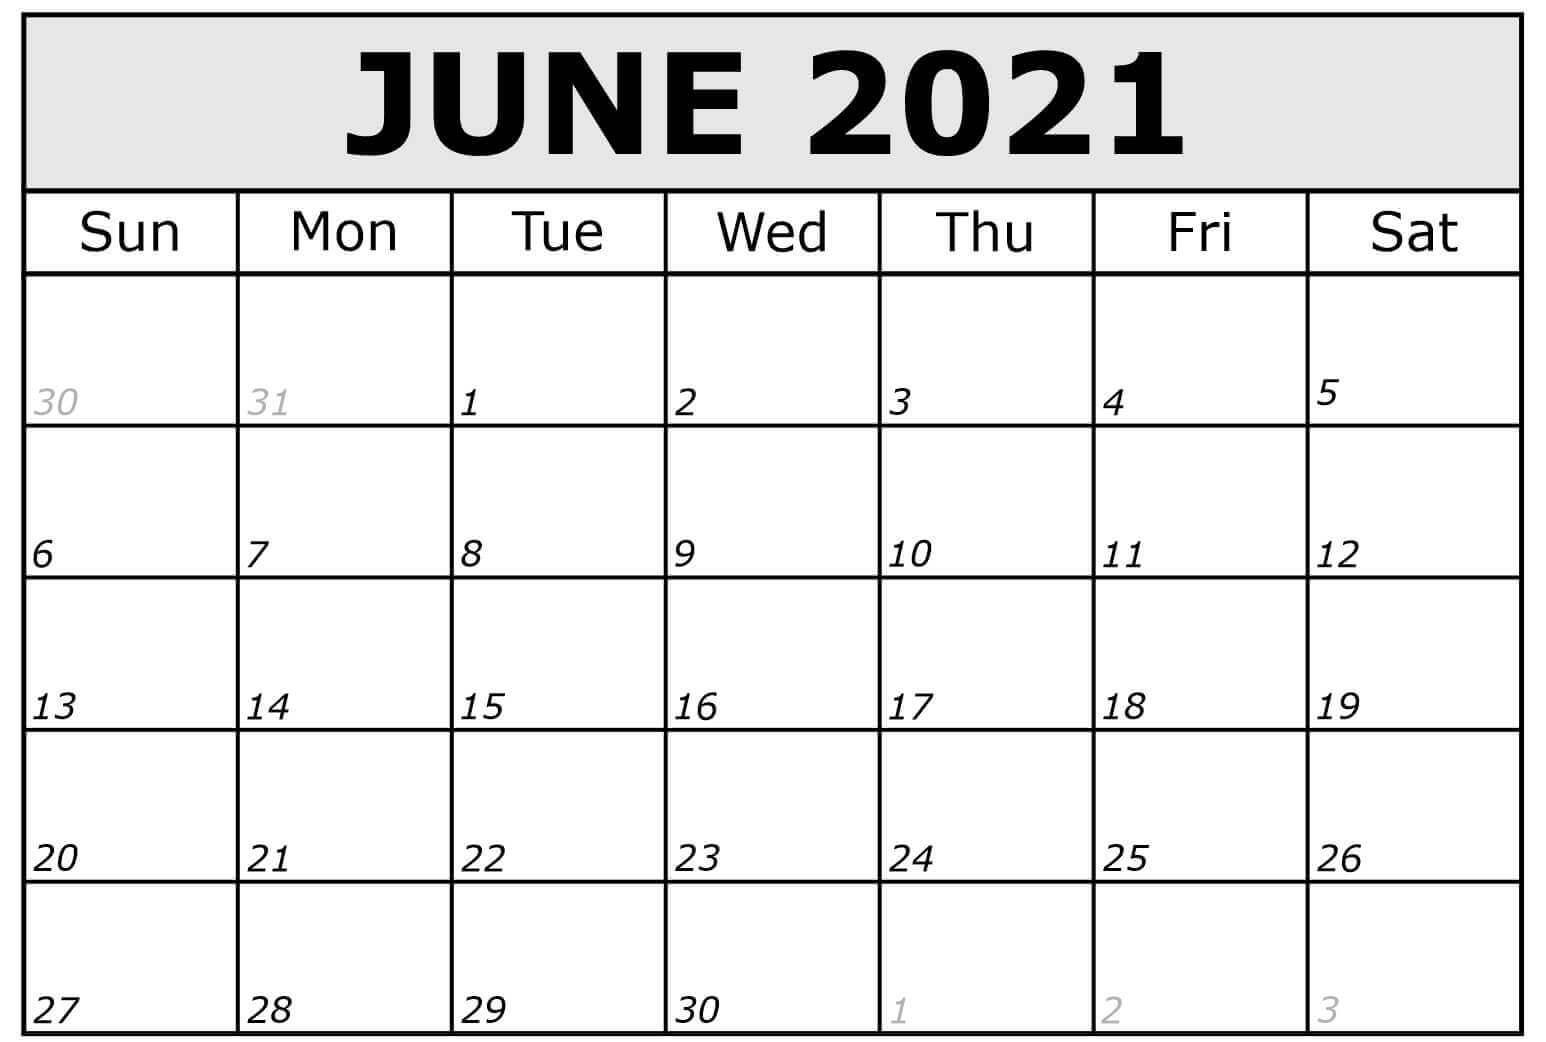 June Calendar 2021 Printable Template